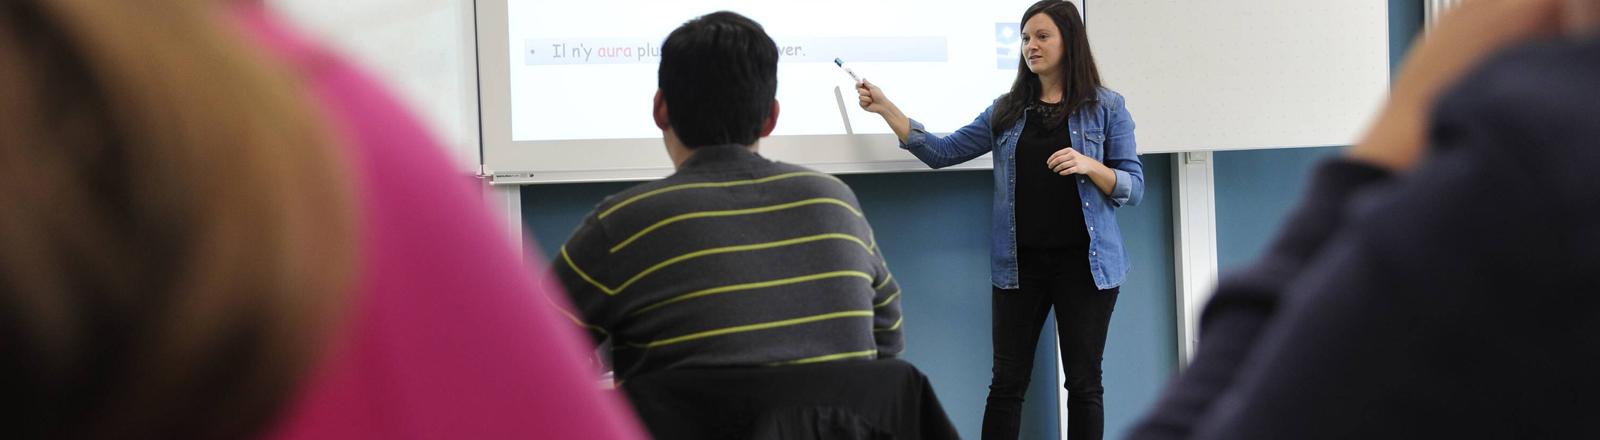 Auch angestellte Lehrkräfte bekommen mehr Gehalt: eine Lehrerin der Graf-Ludwig-Gemeinschaftsschule in Ludweiler im November 2018